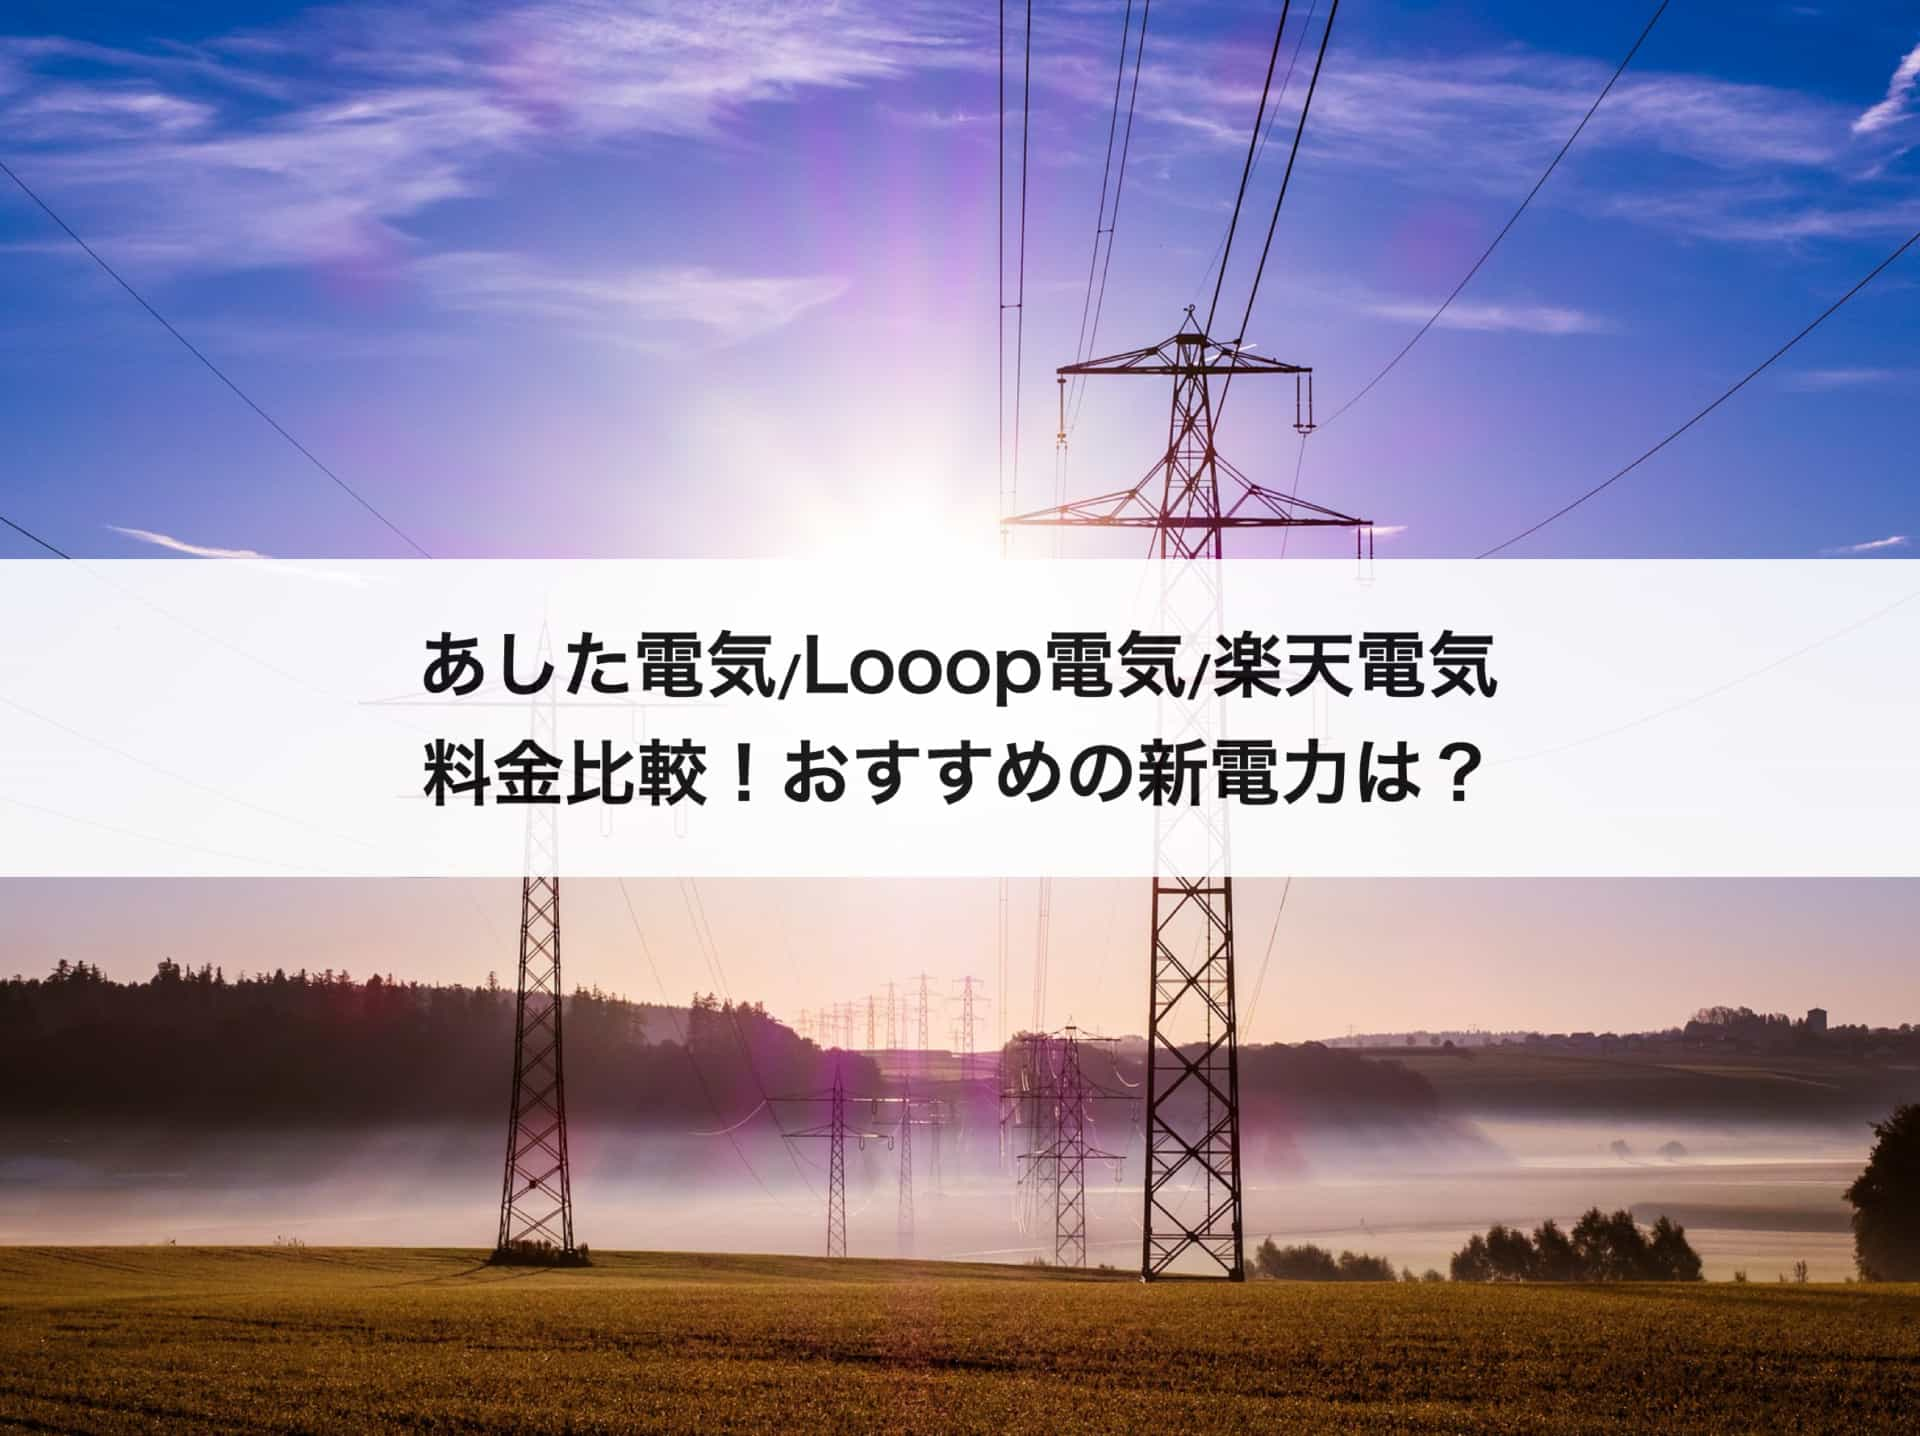 あしたでんき・Looopでんき・楽天でんきの料金比較|おすすめの新電力は?